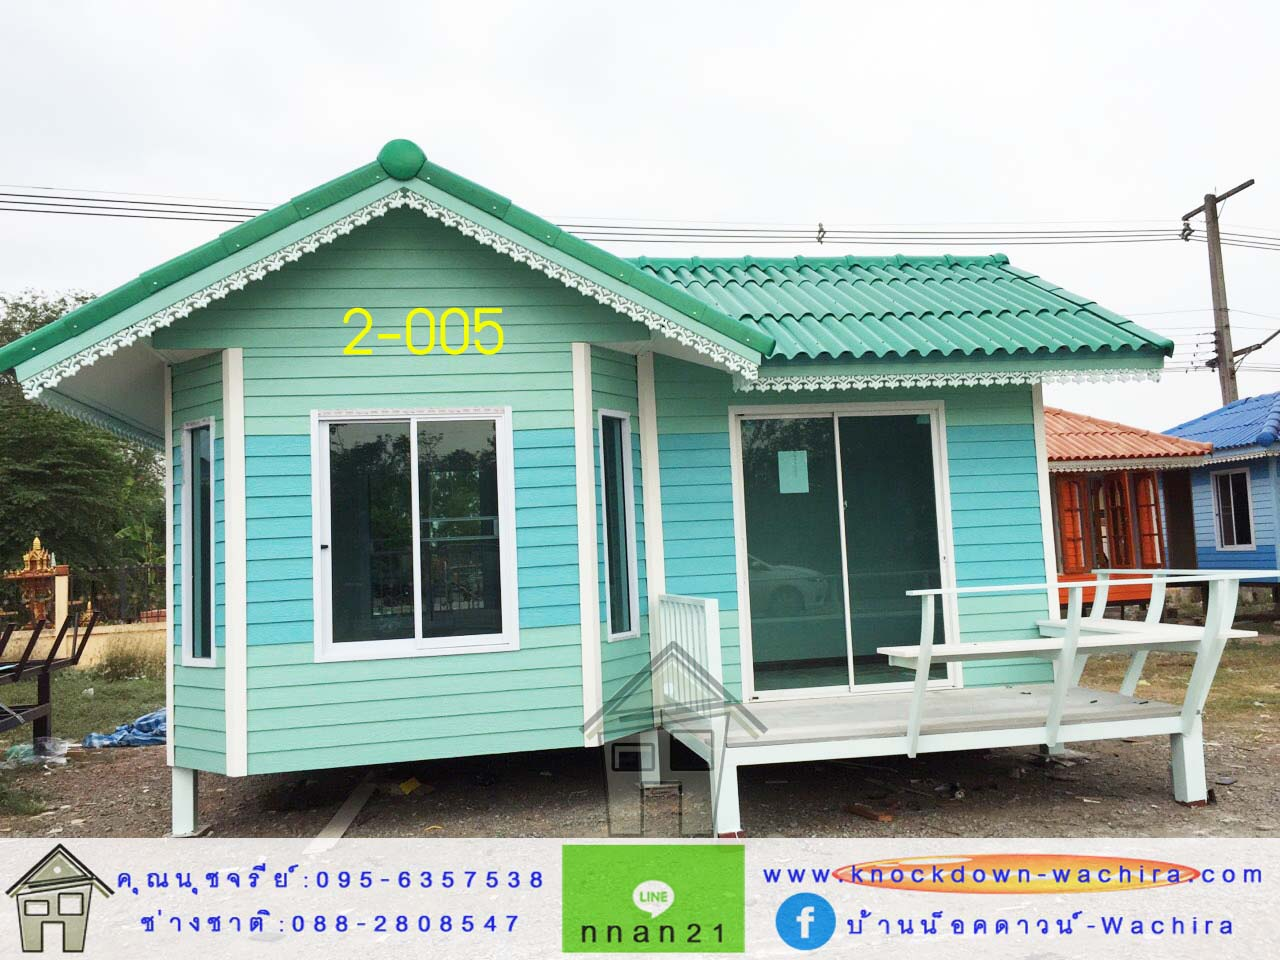 2-005 บ้านน็อคดาวน์ - ขนาด 3x6 เมตร